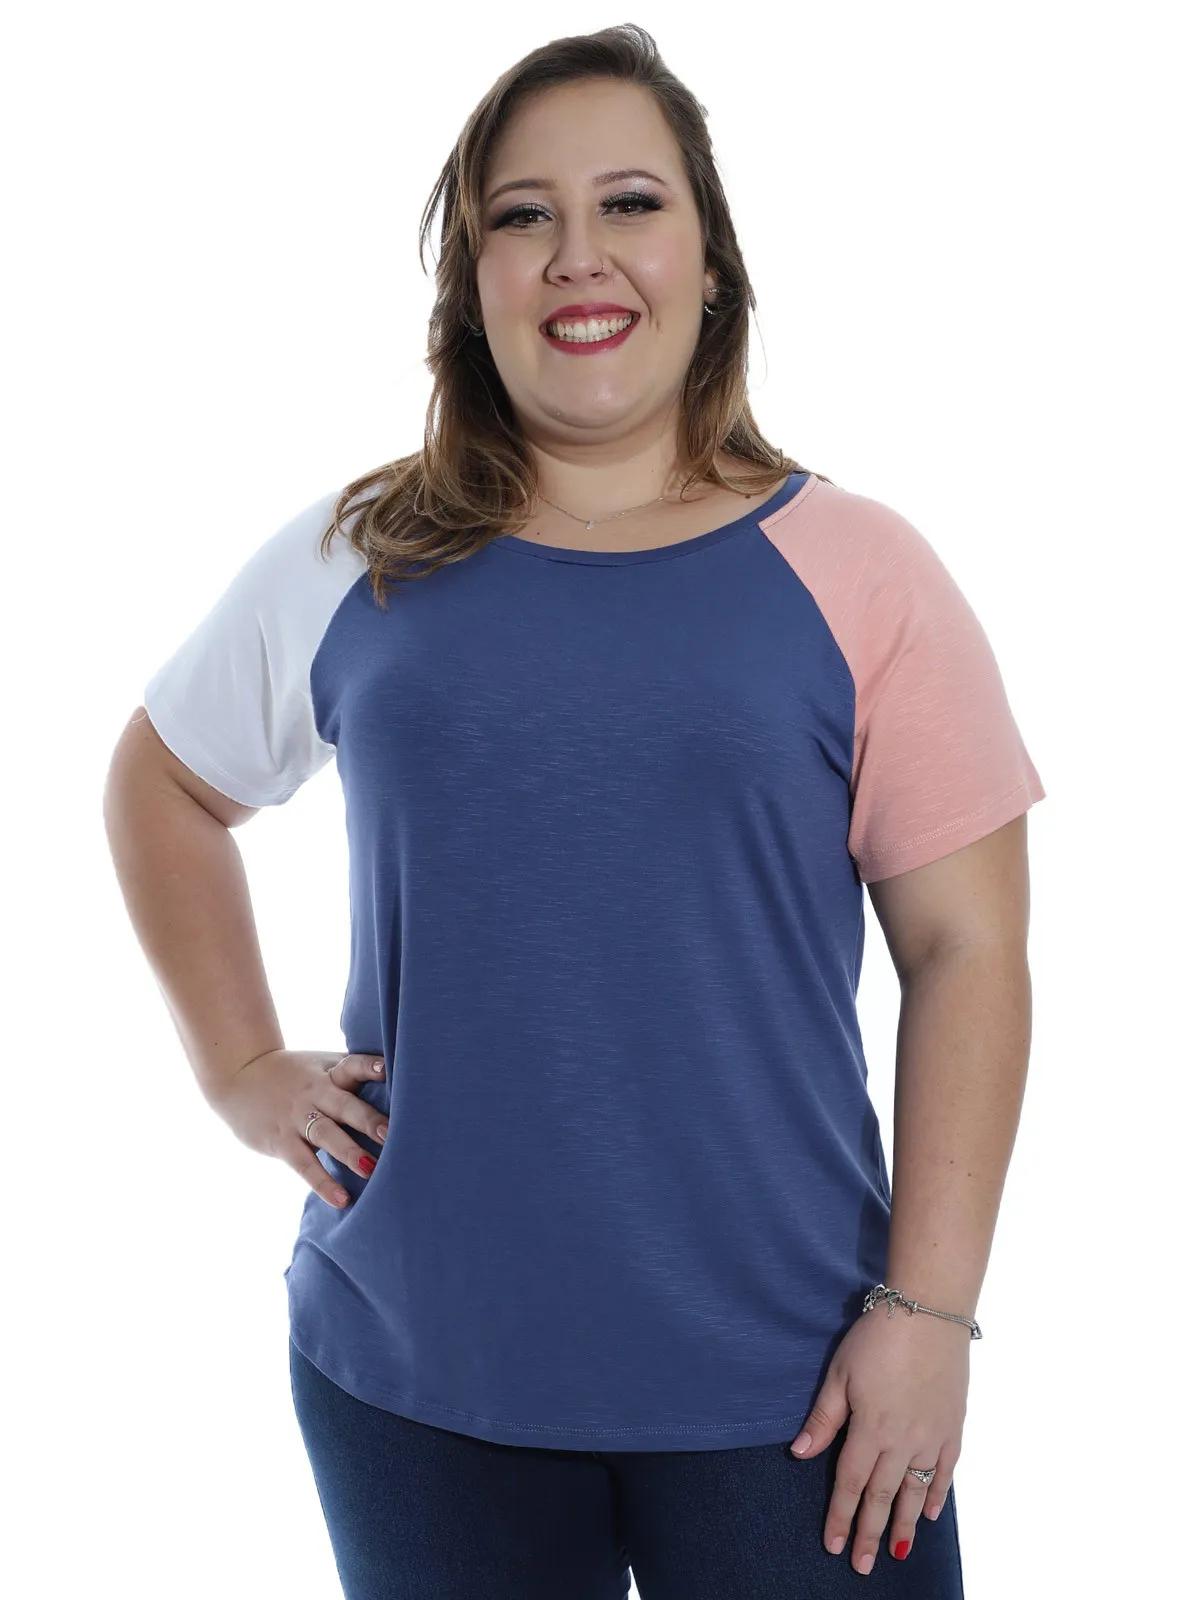 Blusa Plus Size Feminina Viscolycra Contraste Decote Redondo Azul